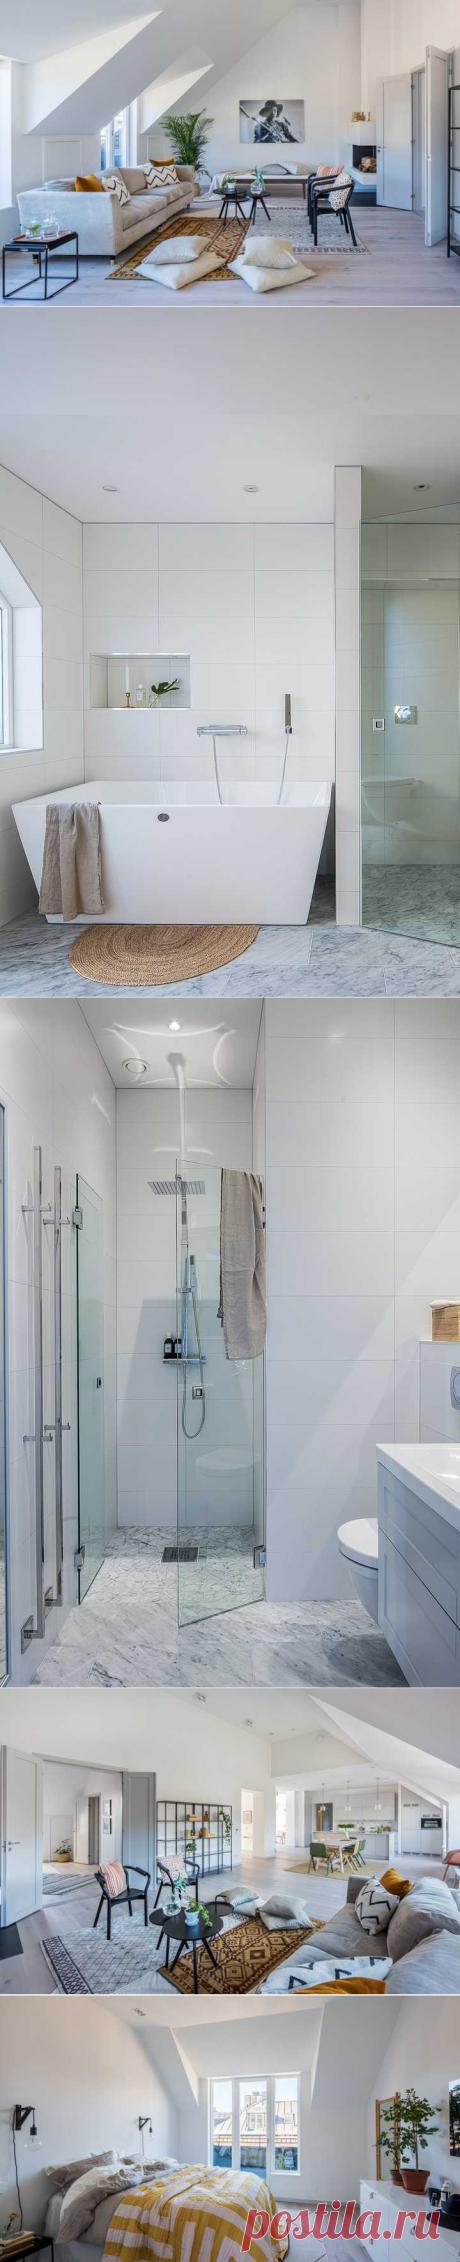 〚 Чистые линии в квартире на чердаке в Стокгольме 〛 ◾ Фото ◾Идеи◾ Дизайн